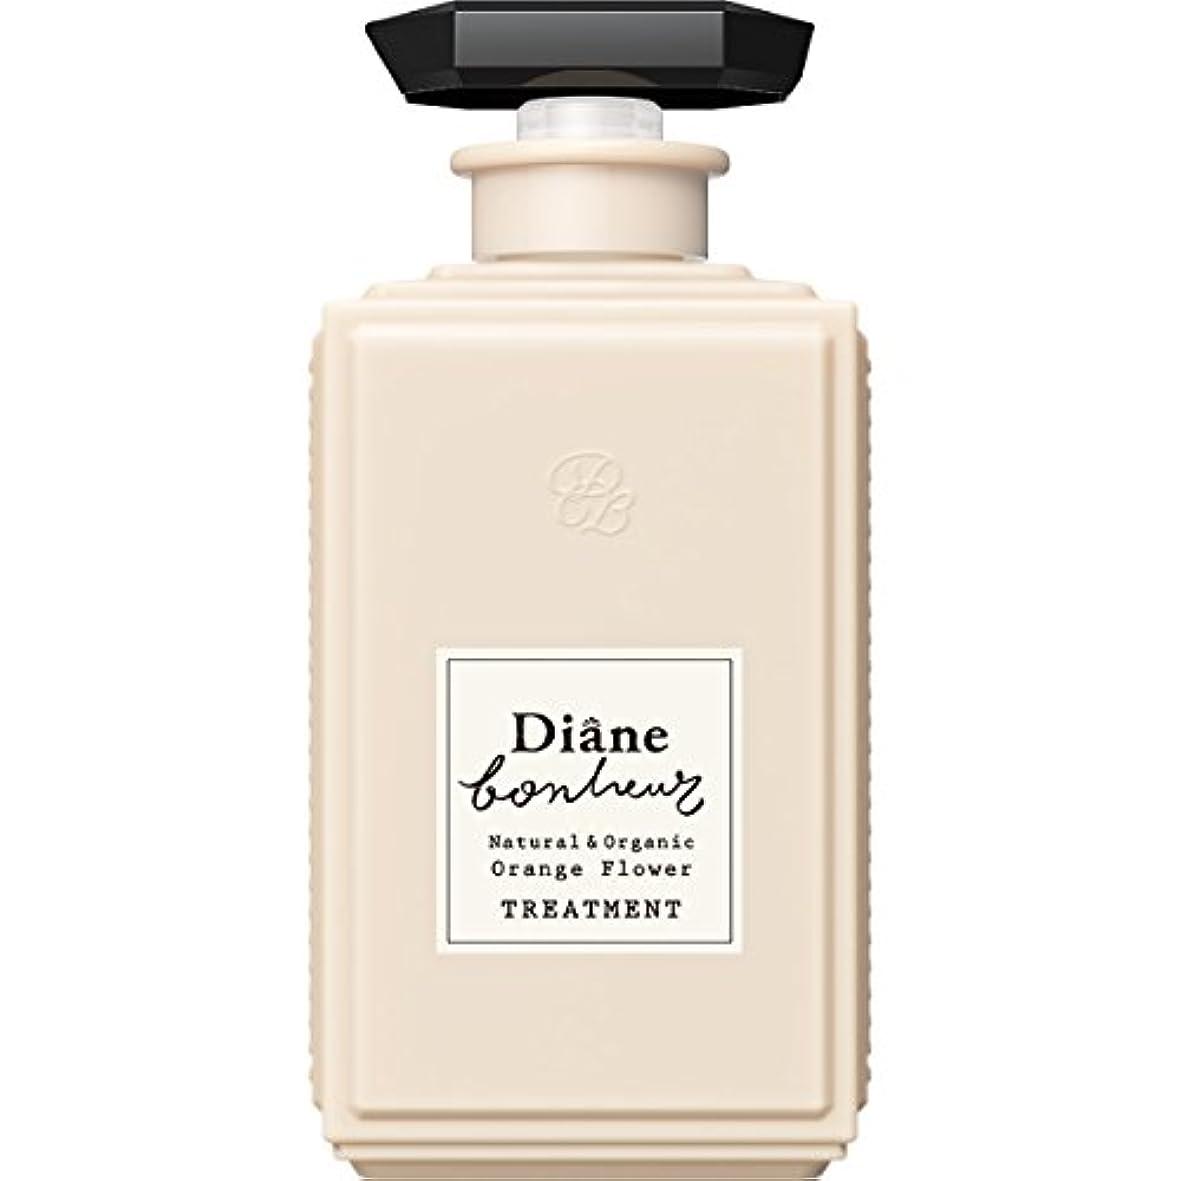 服を着る韻ホイストダイアン ボヌール オレンジフラワーの香り モイストリラックス トリートメント 500ml